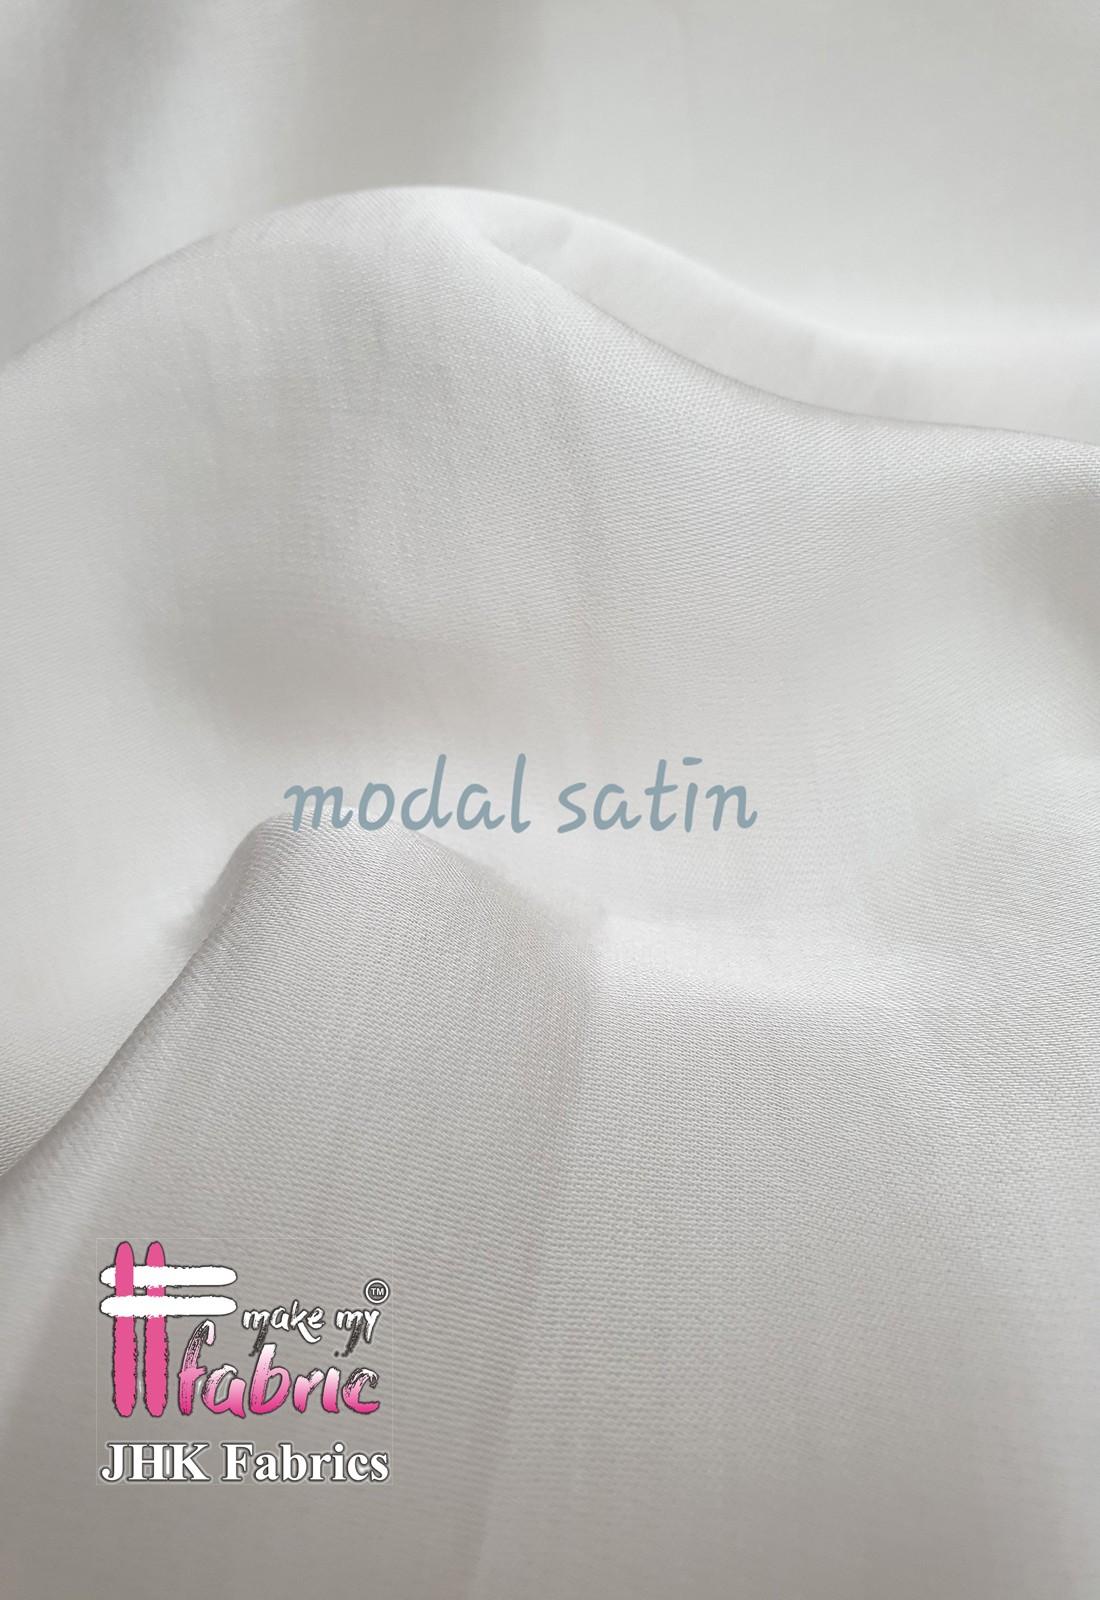 Modal Satin